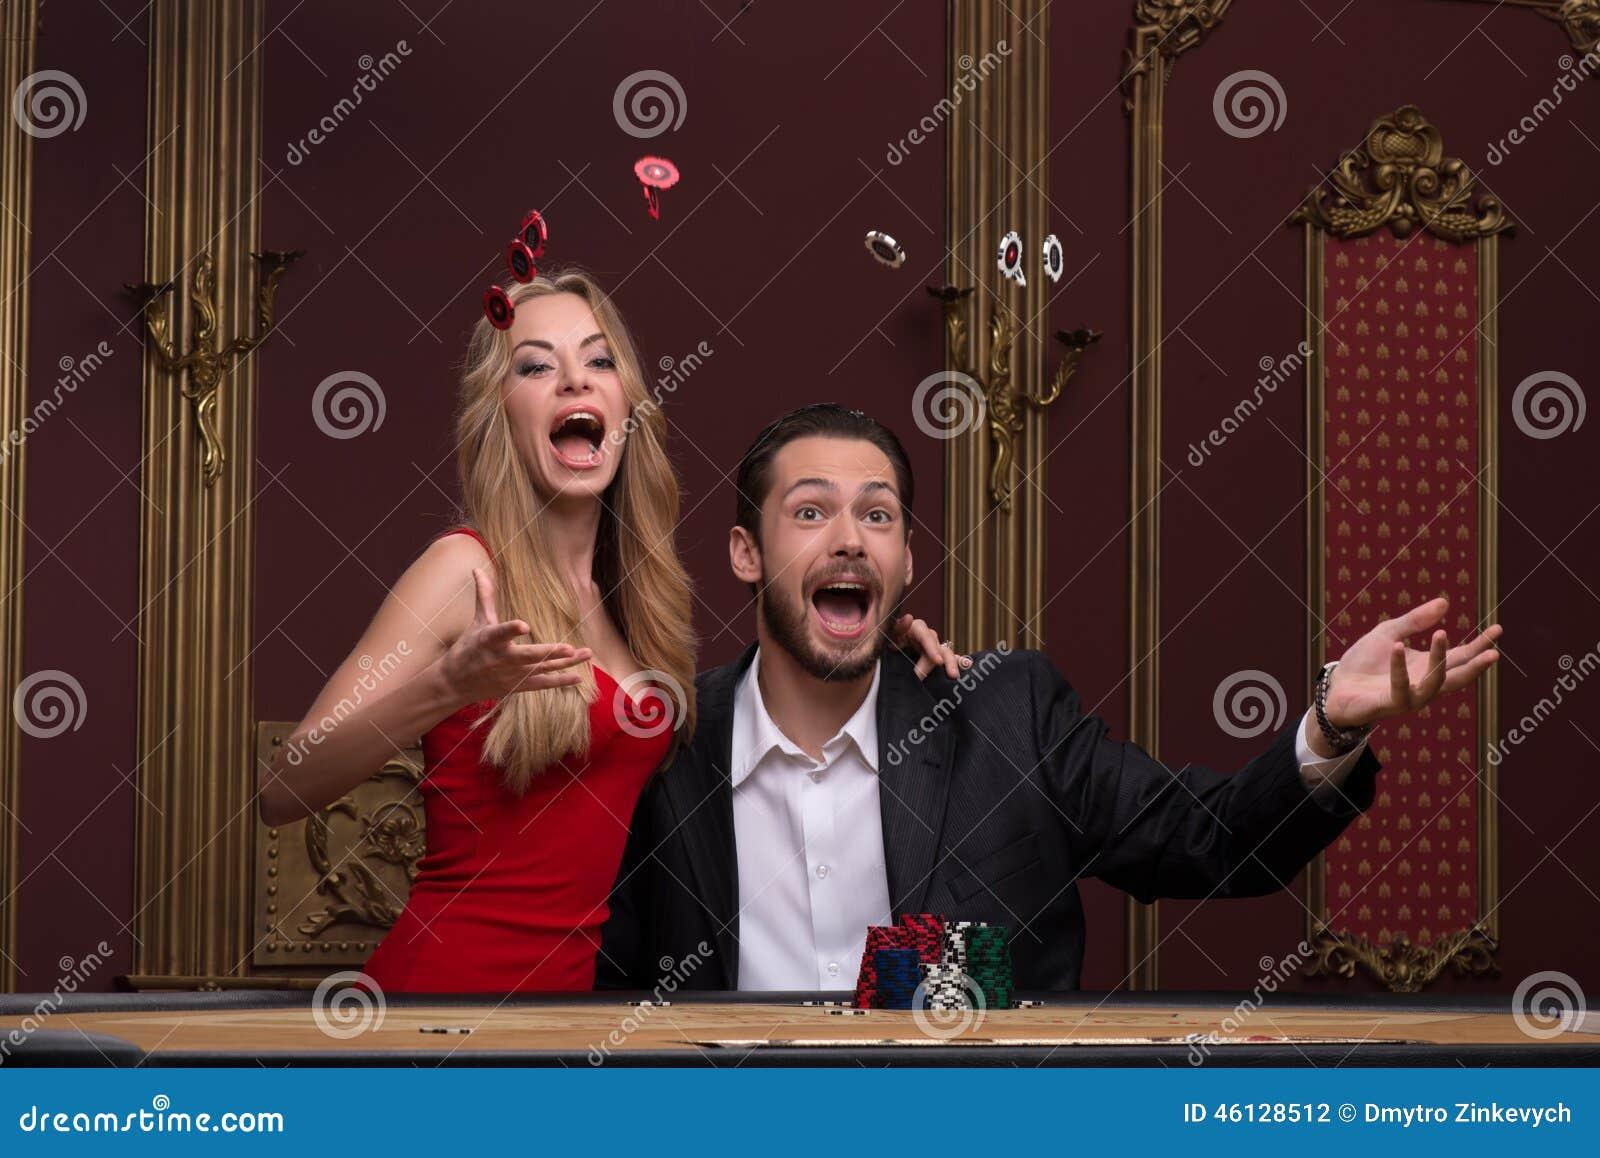 英俊的男人和美丽的妇女在赌博娱乐场